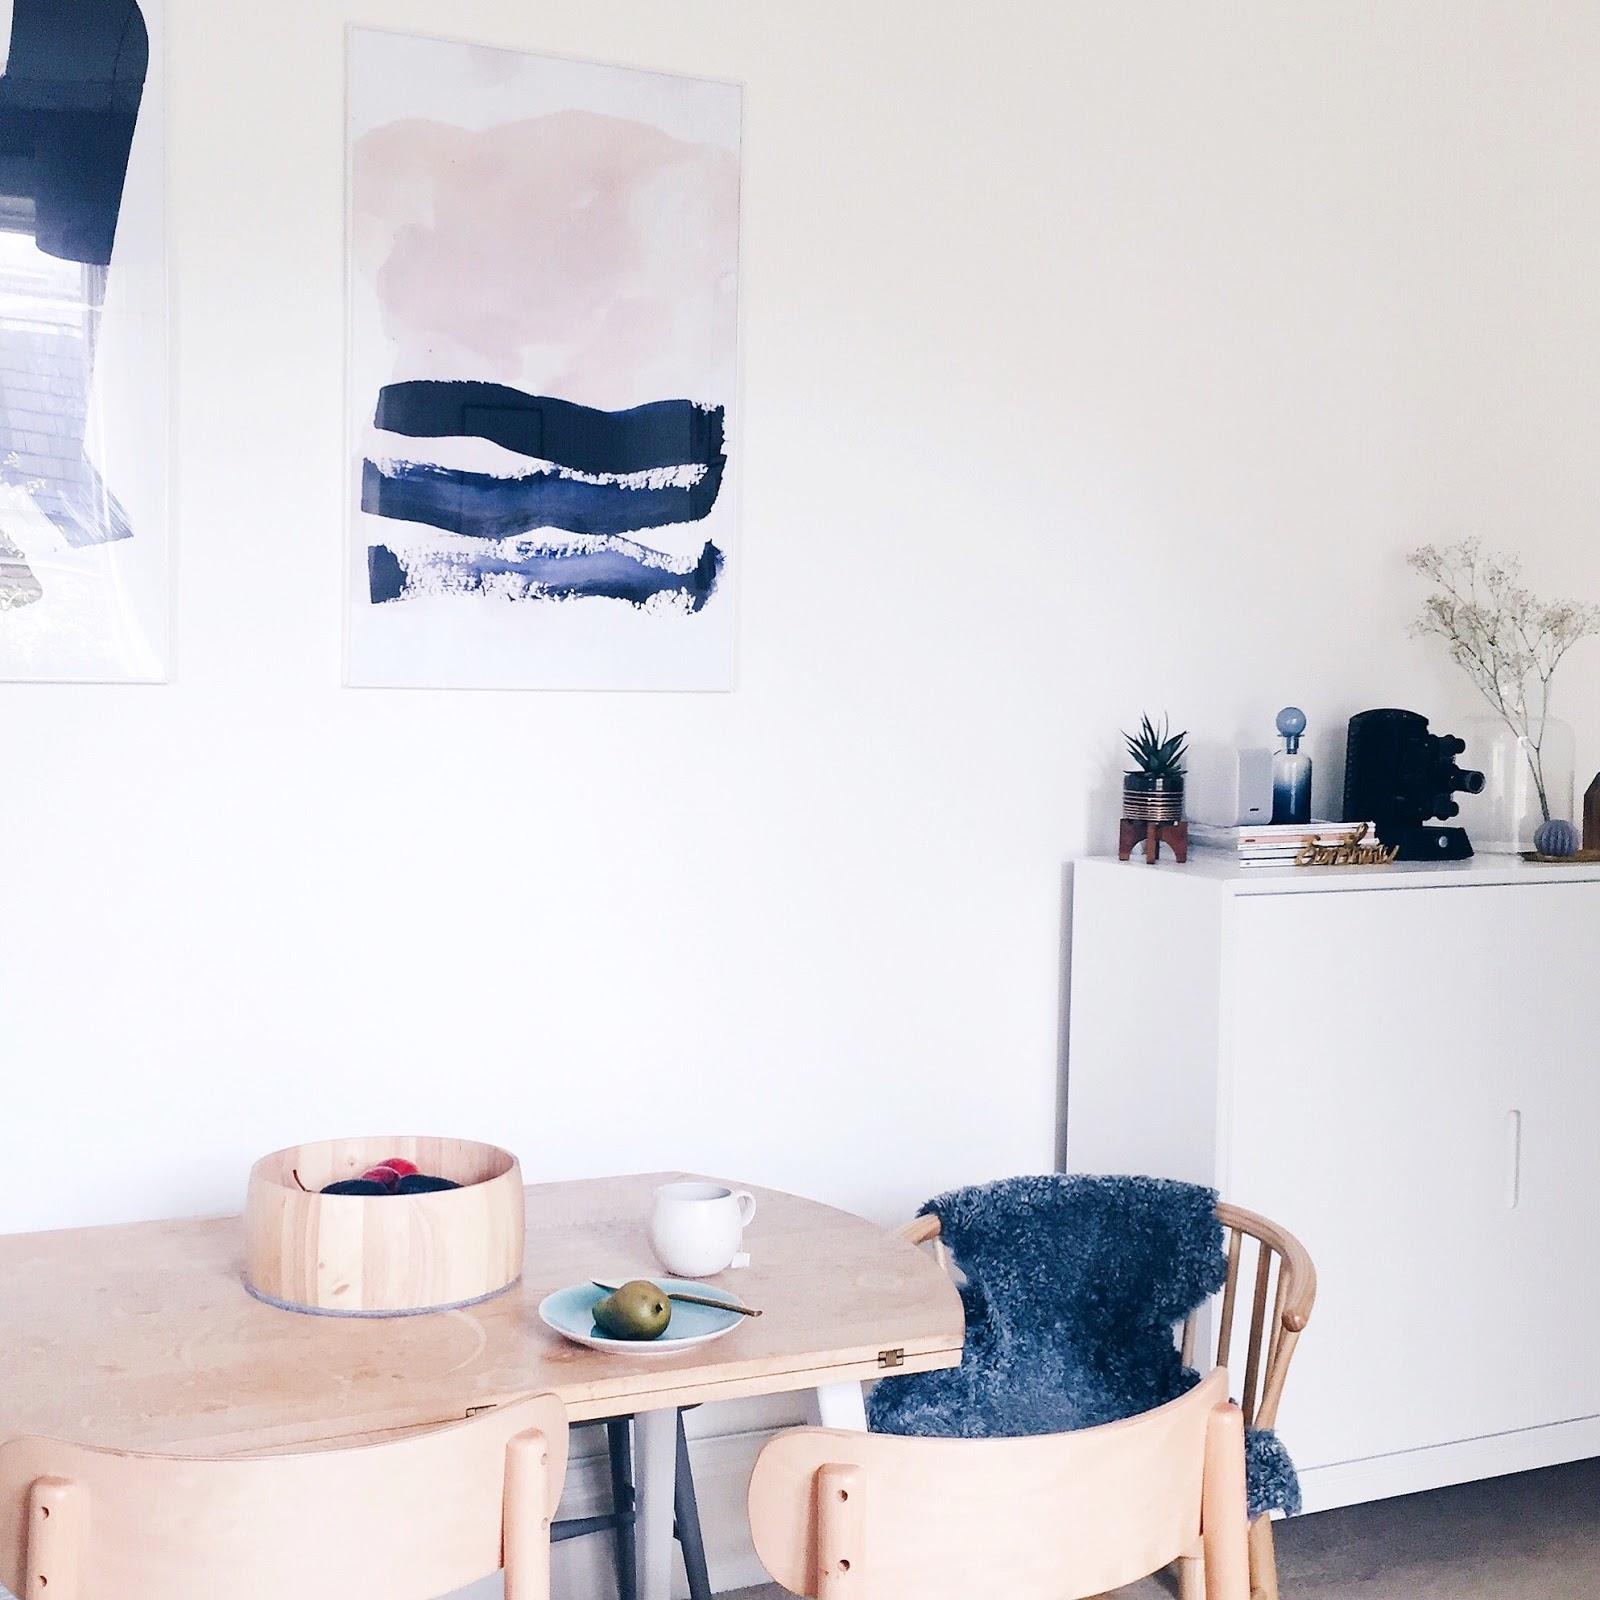 Nordic, Nordic Naturals, nordic interior, scandinavian design, Scandi style, scandinavian style, scandinavian interior design, home tour, makeover, swedish design,nordic style, hygge